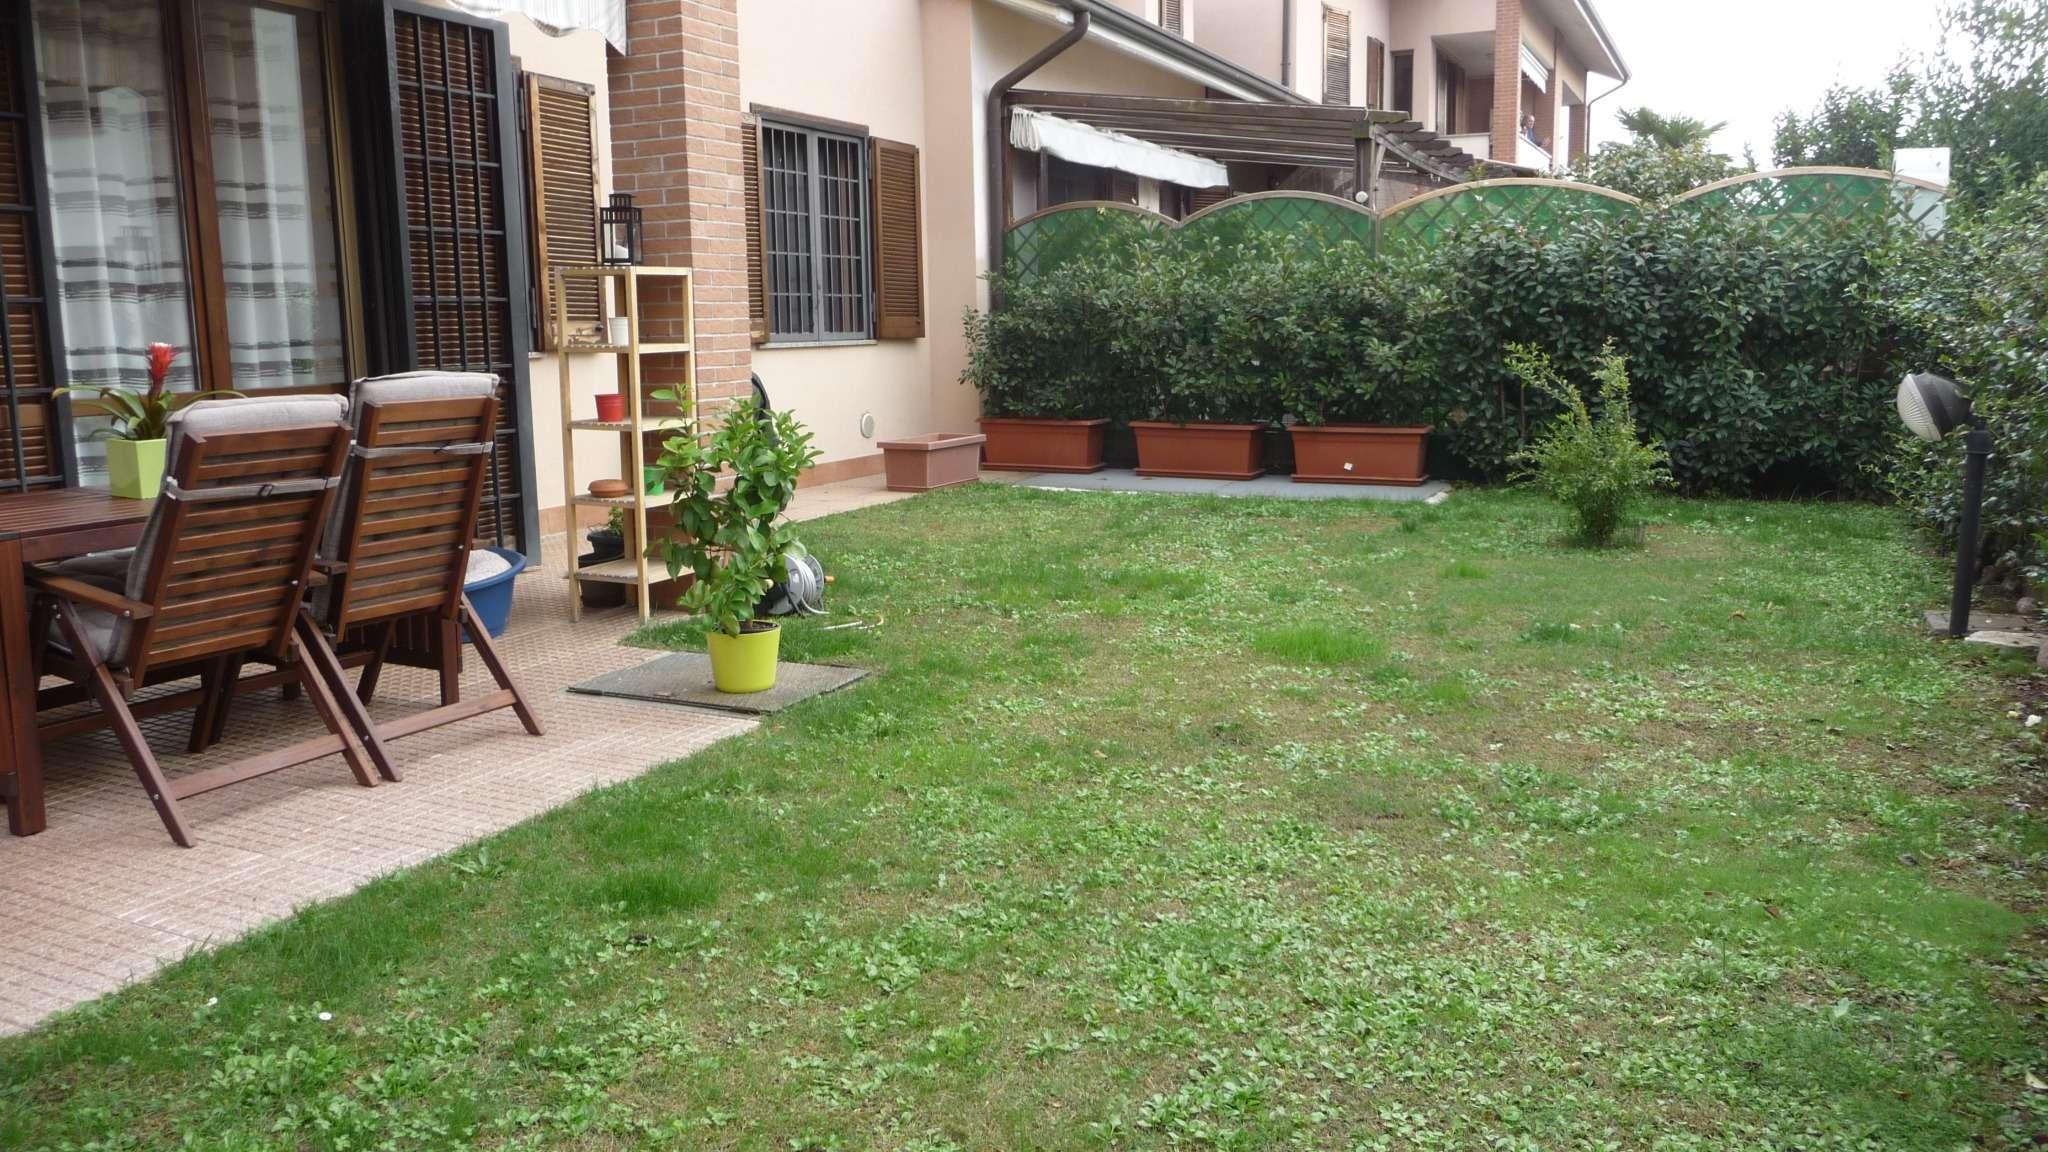 Appartamento in vendita a Cambiago, 2 locali, prezzo € 122.000 | PortaleAgenzieImmobiliari.it